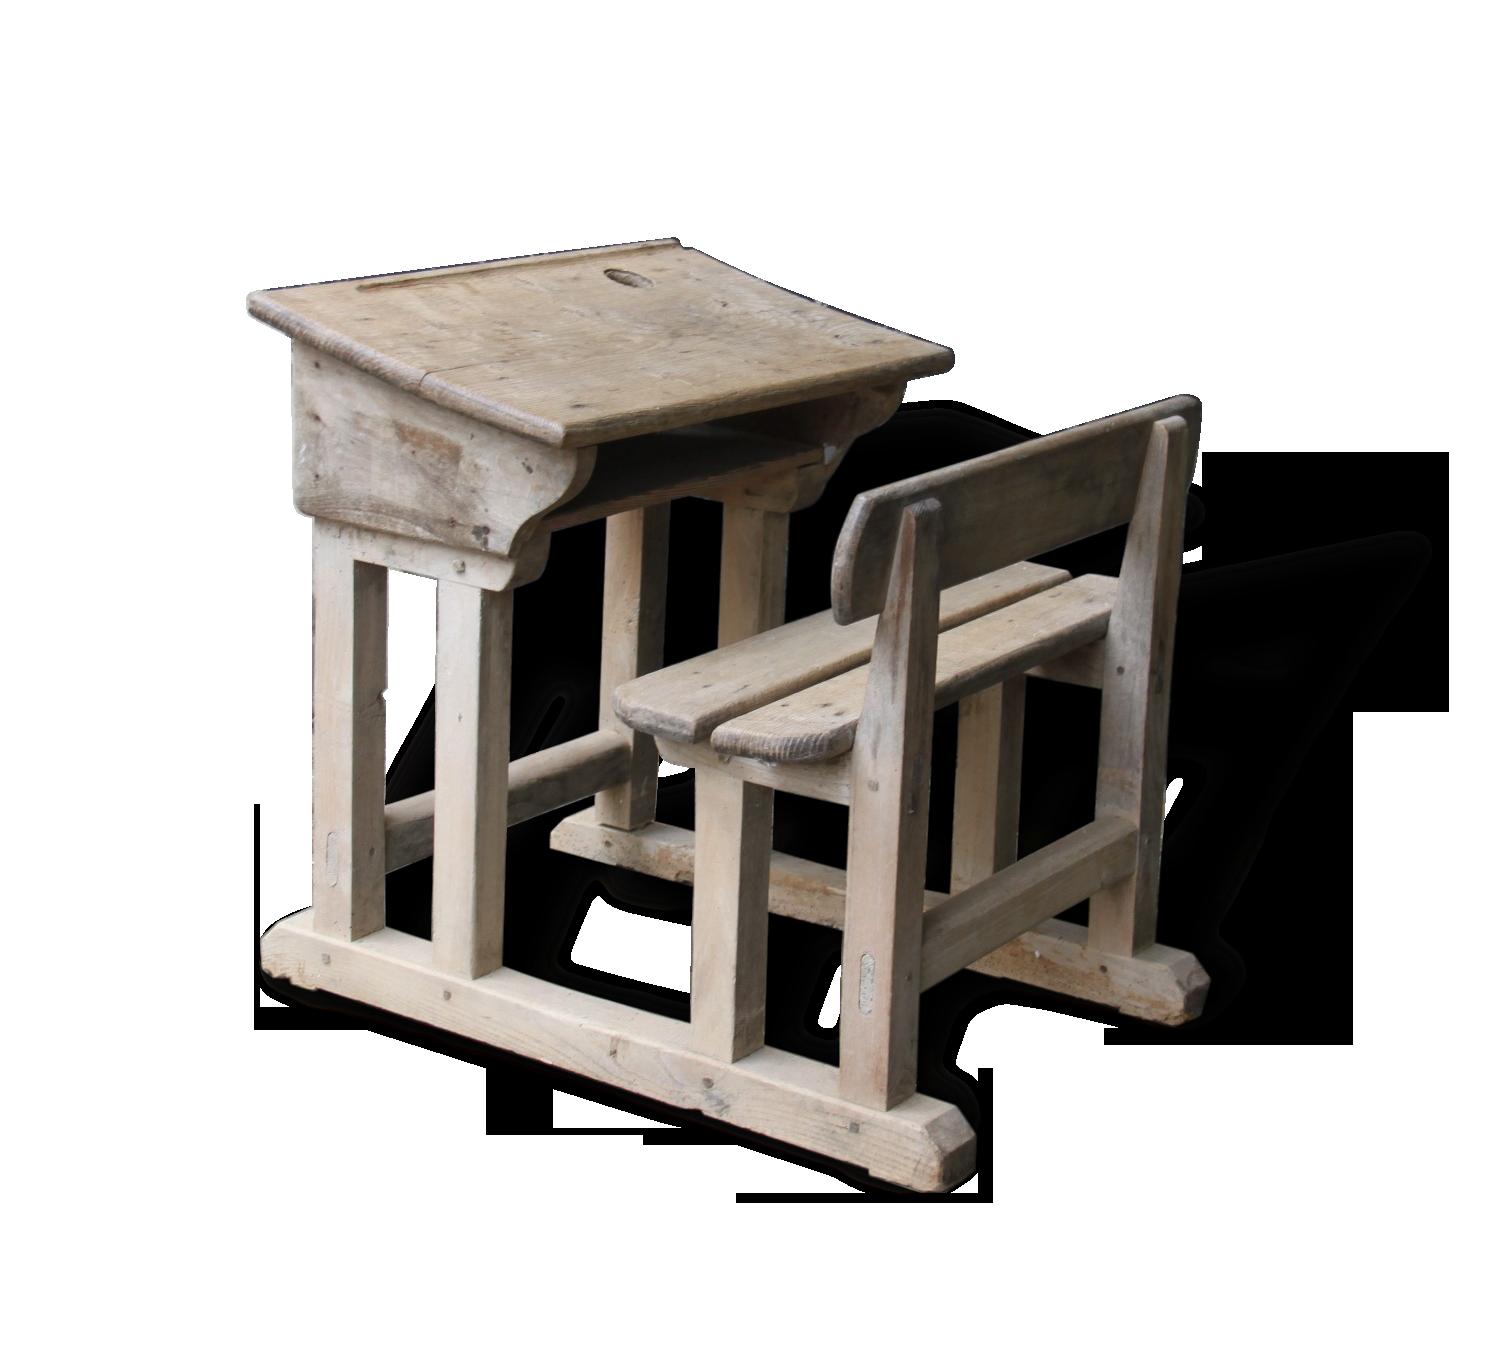 Petit bureau écolier vintage bois brut monobloc wood wooden